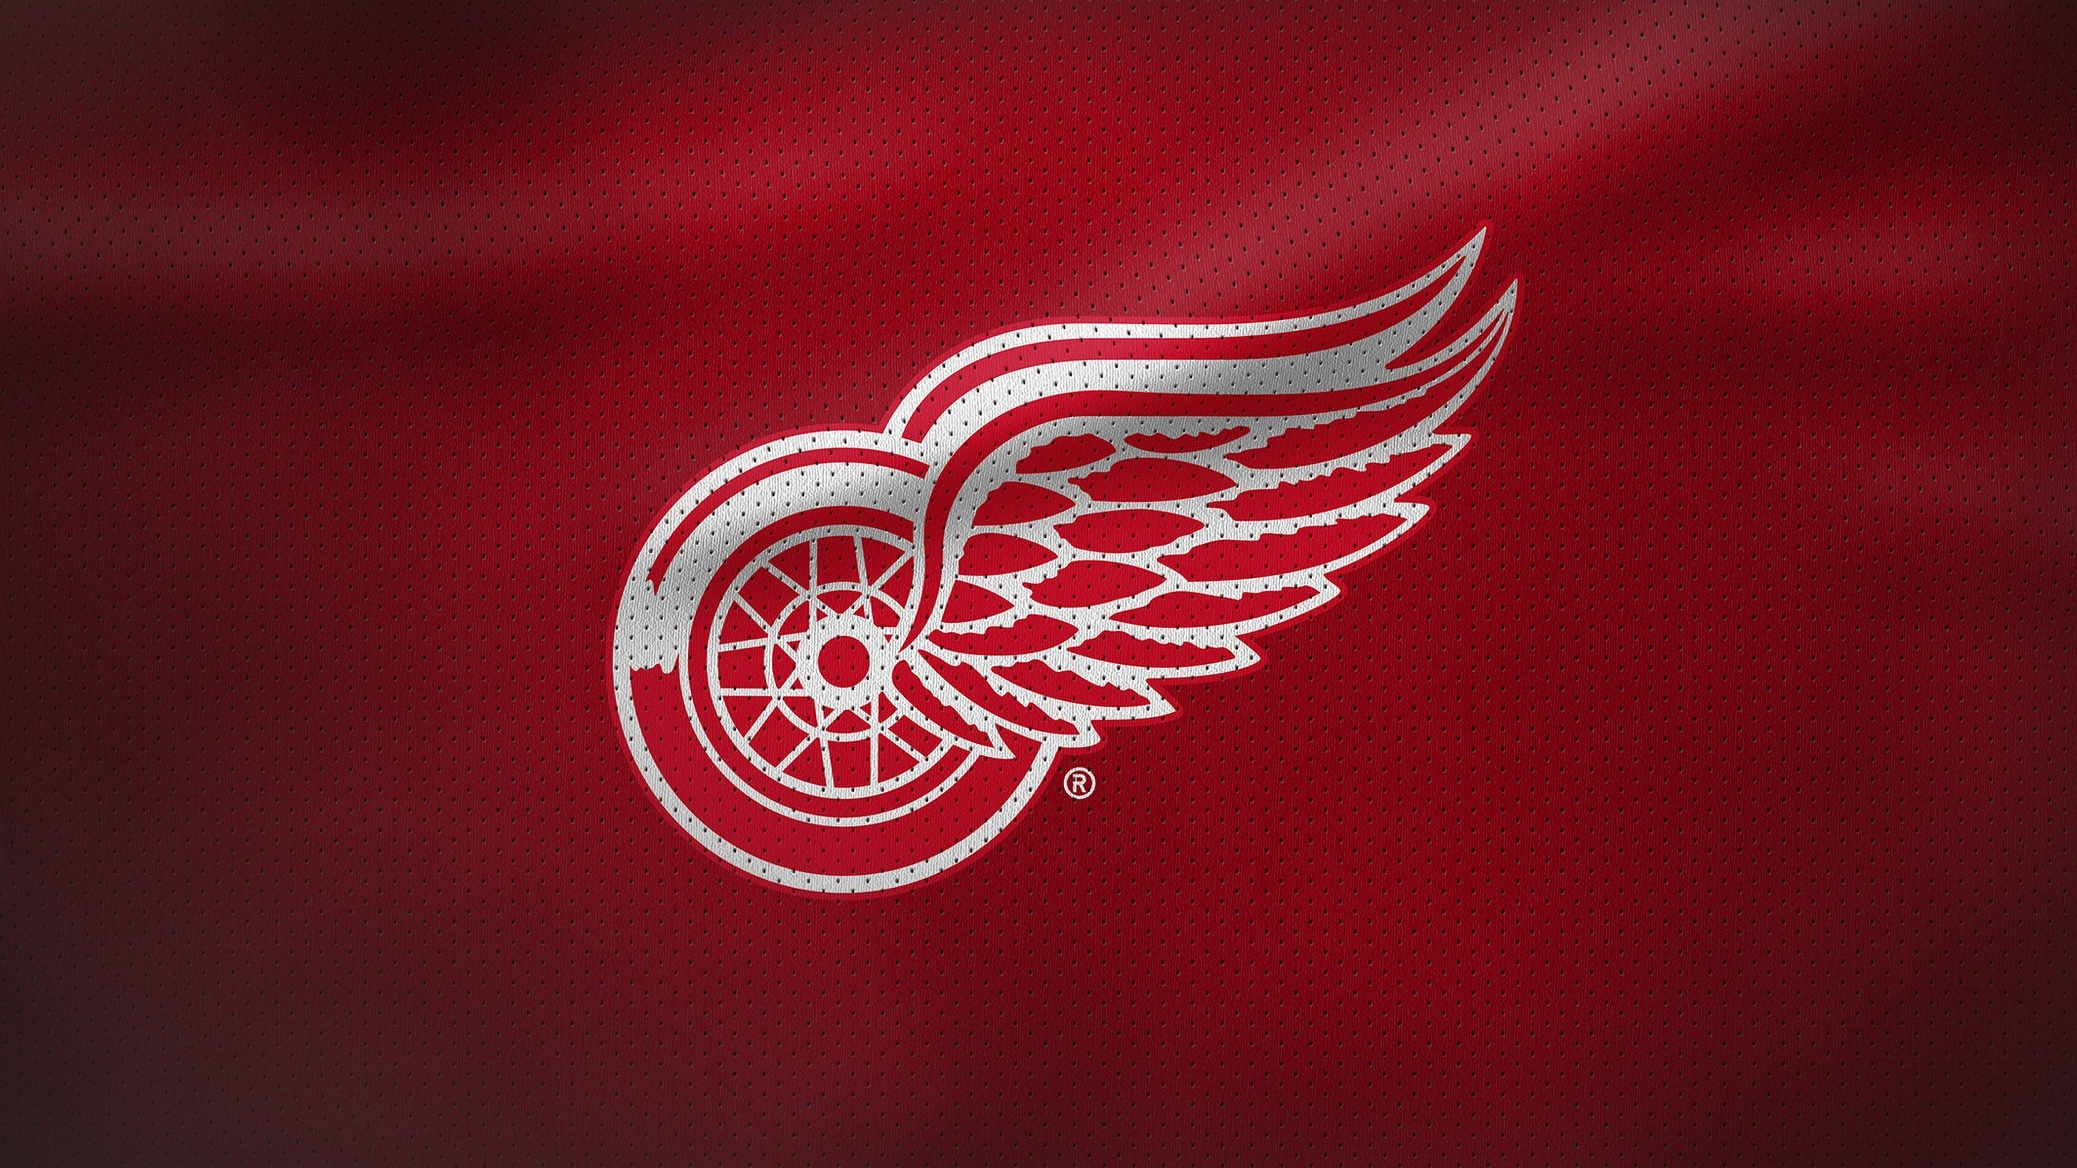 Rivalmöten - På vägen till Colorados första Stanley Cup-vinst 1996 slog man ut Detroit Red Wings i konferensfinalen. I det ögonblicket startade en grinig, lång och stark rivalitet mellan lagen som åren därpå eskalerade ordentligt. Mötena mellan lagen är inte lika tuffa längre, men fortfarande ett av ligans hetaste.